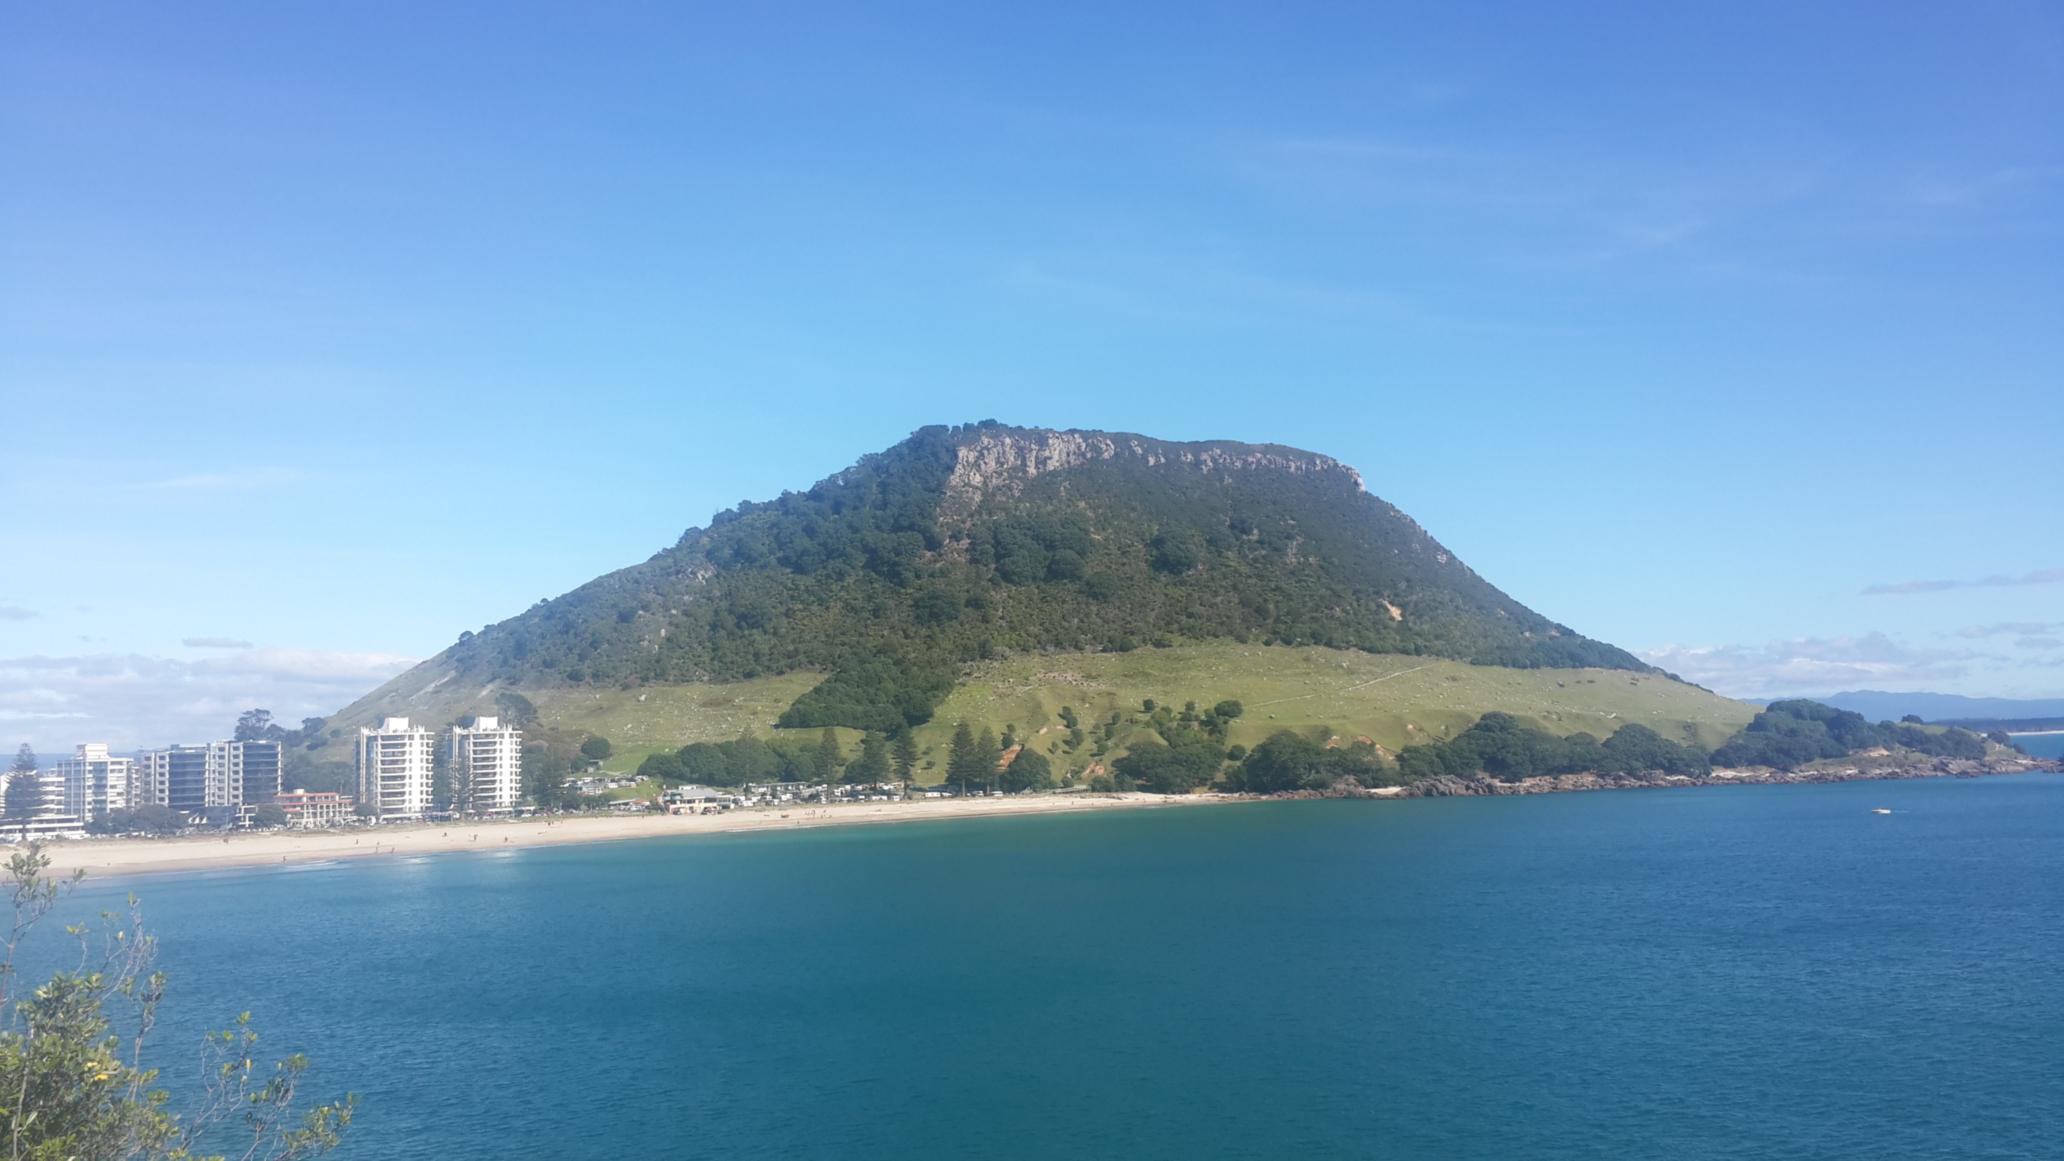 Monte Mauao